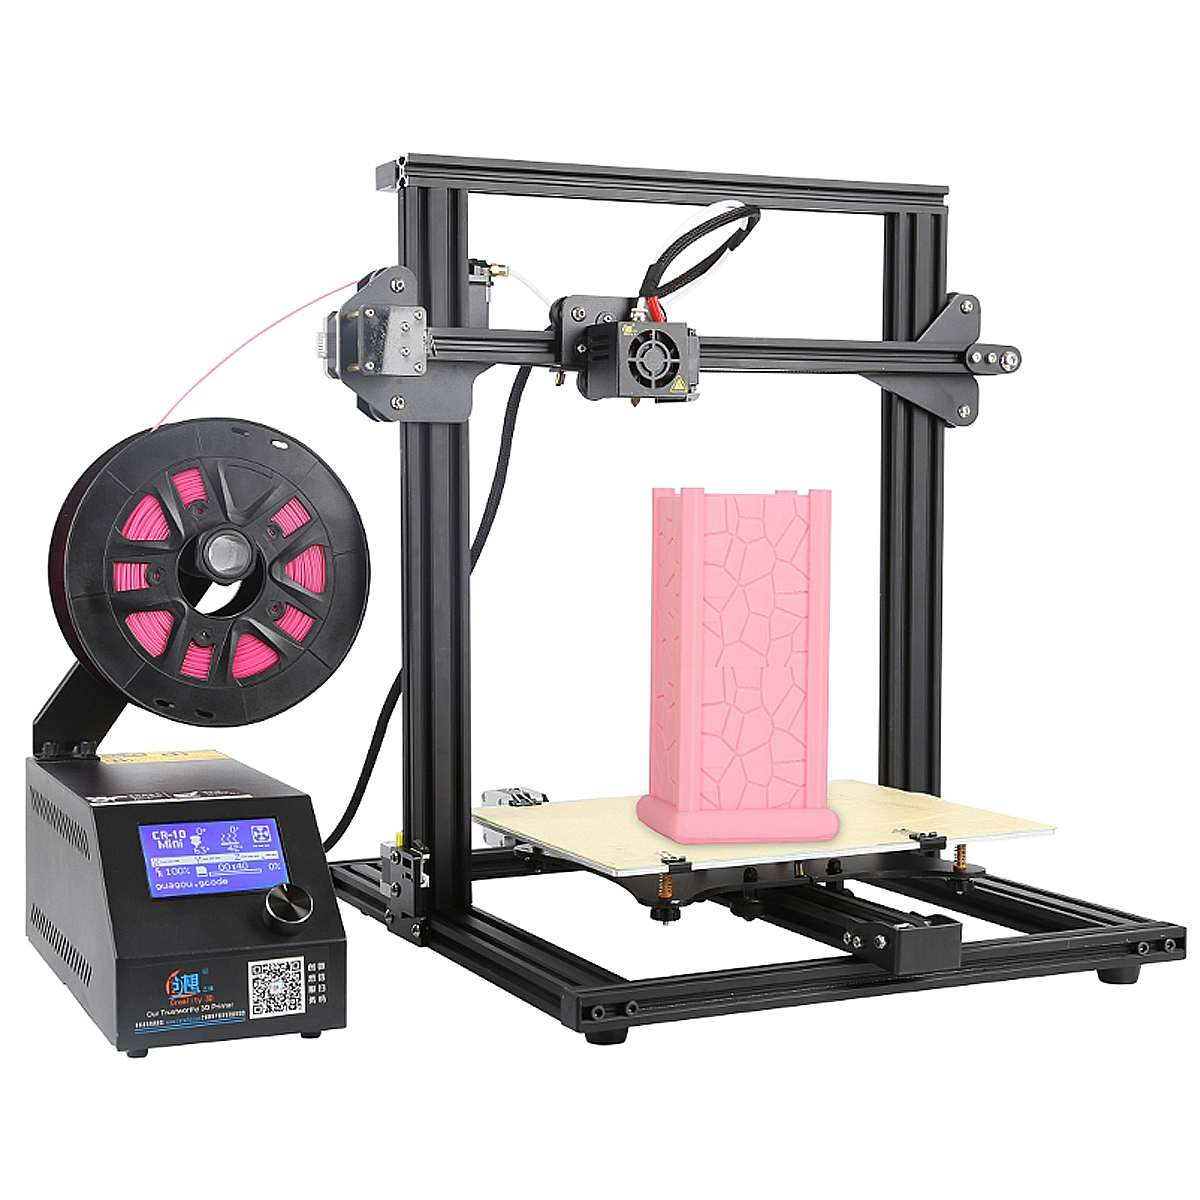 CR-10 Мини DIY 3D-принтеры комплект Поддержка резюме печать 300*220*300 мм широкоформатной печати Размеры 1,75 мм 0,4 мм сопла